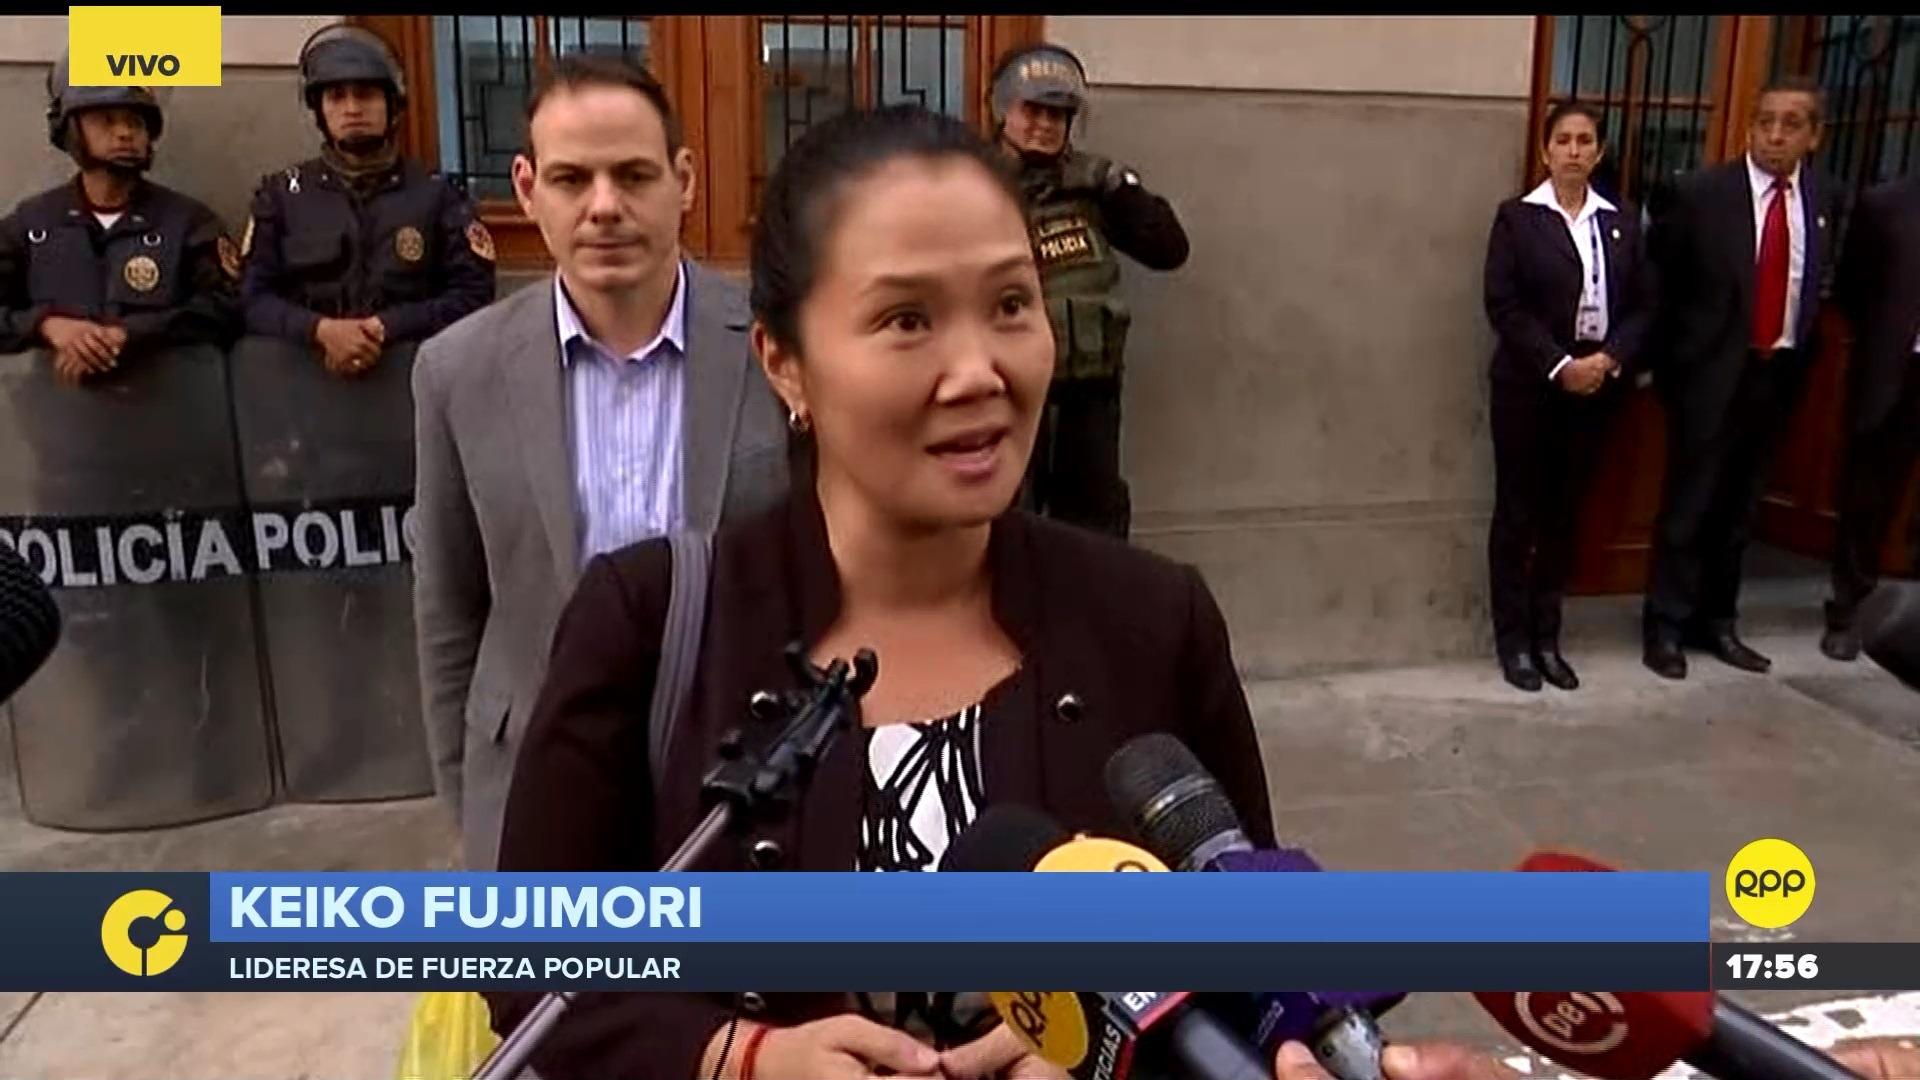 La lideresa de Fuerza Popular asistió al quinto día de audiencias en las que se evalúa la prisión preventiva pedida en su contra.